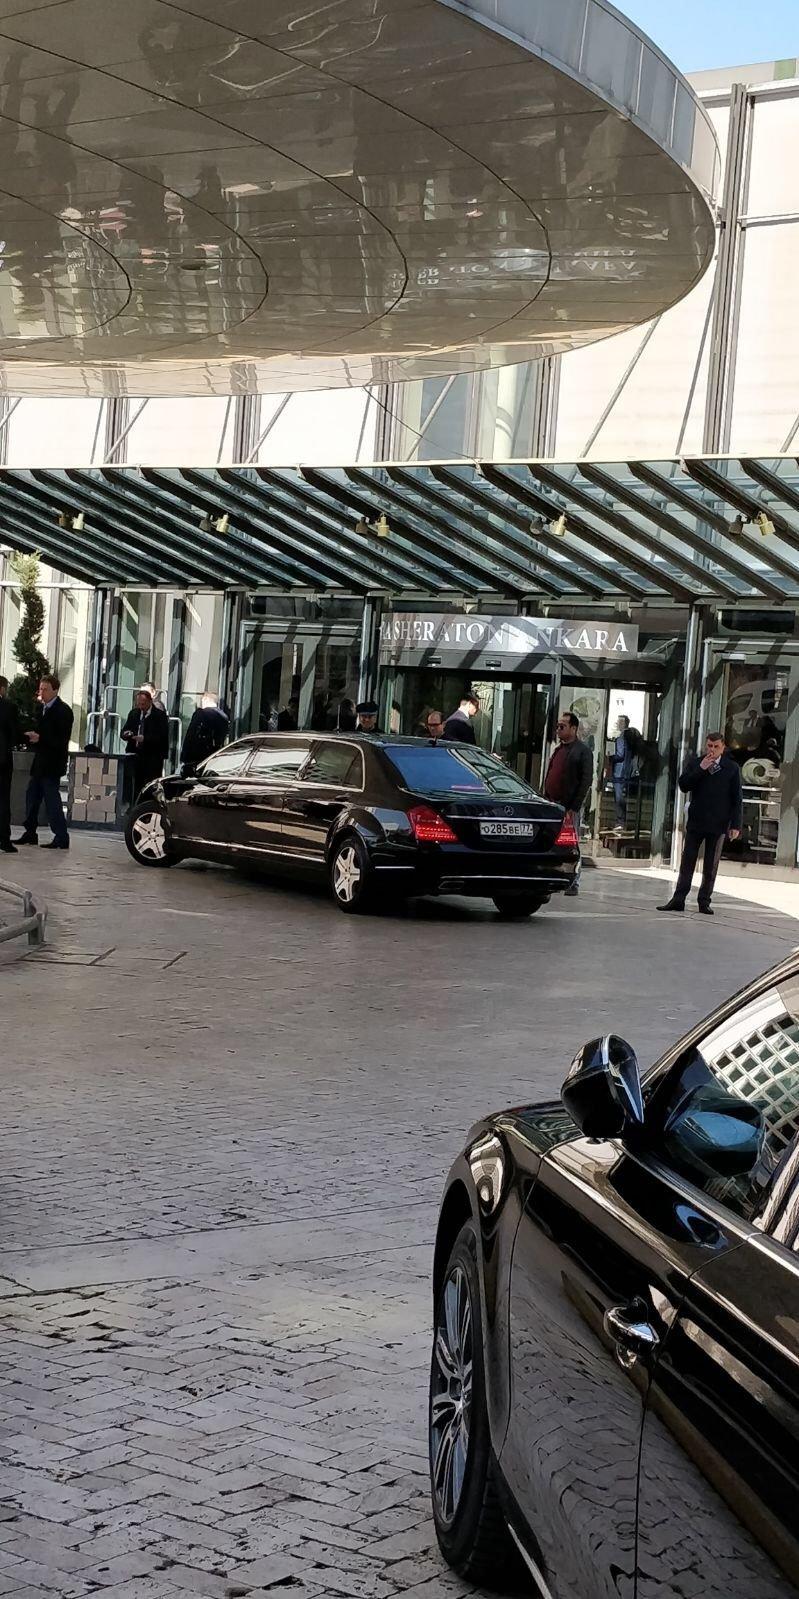 Geçen ay yapılan seçimlerin hemen ardından ilk resmi ziyaretini Türkiye'de gerçekleştiren Putin Ankara'daki Sheraton Otel'de kaldı.